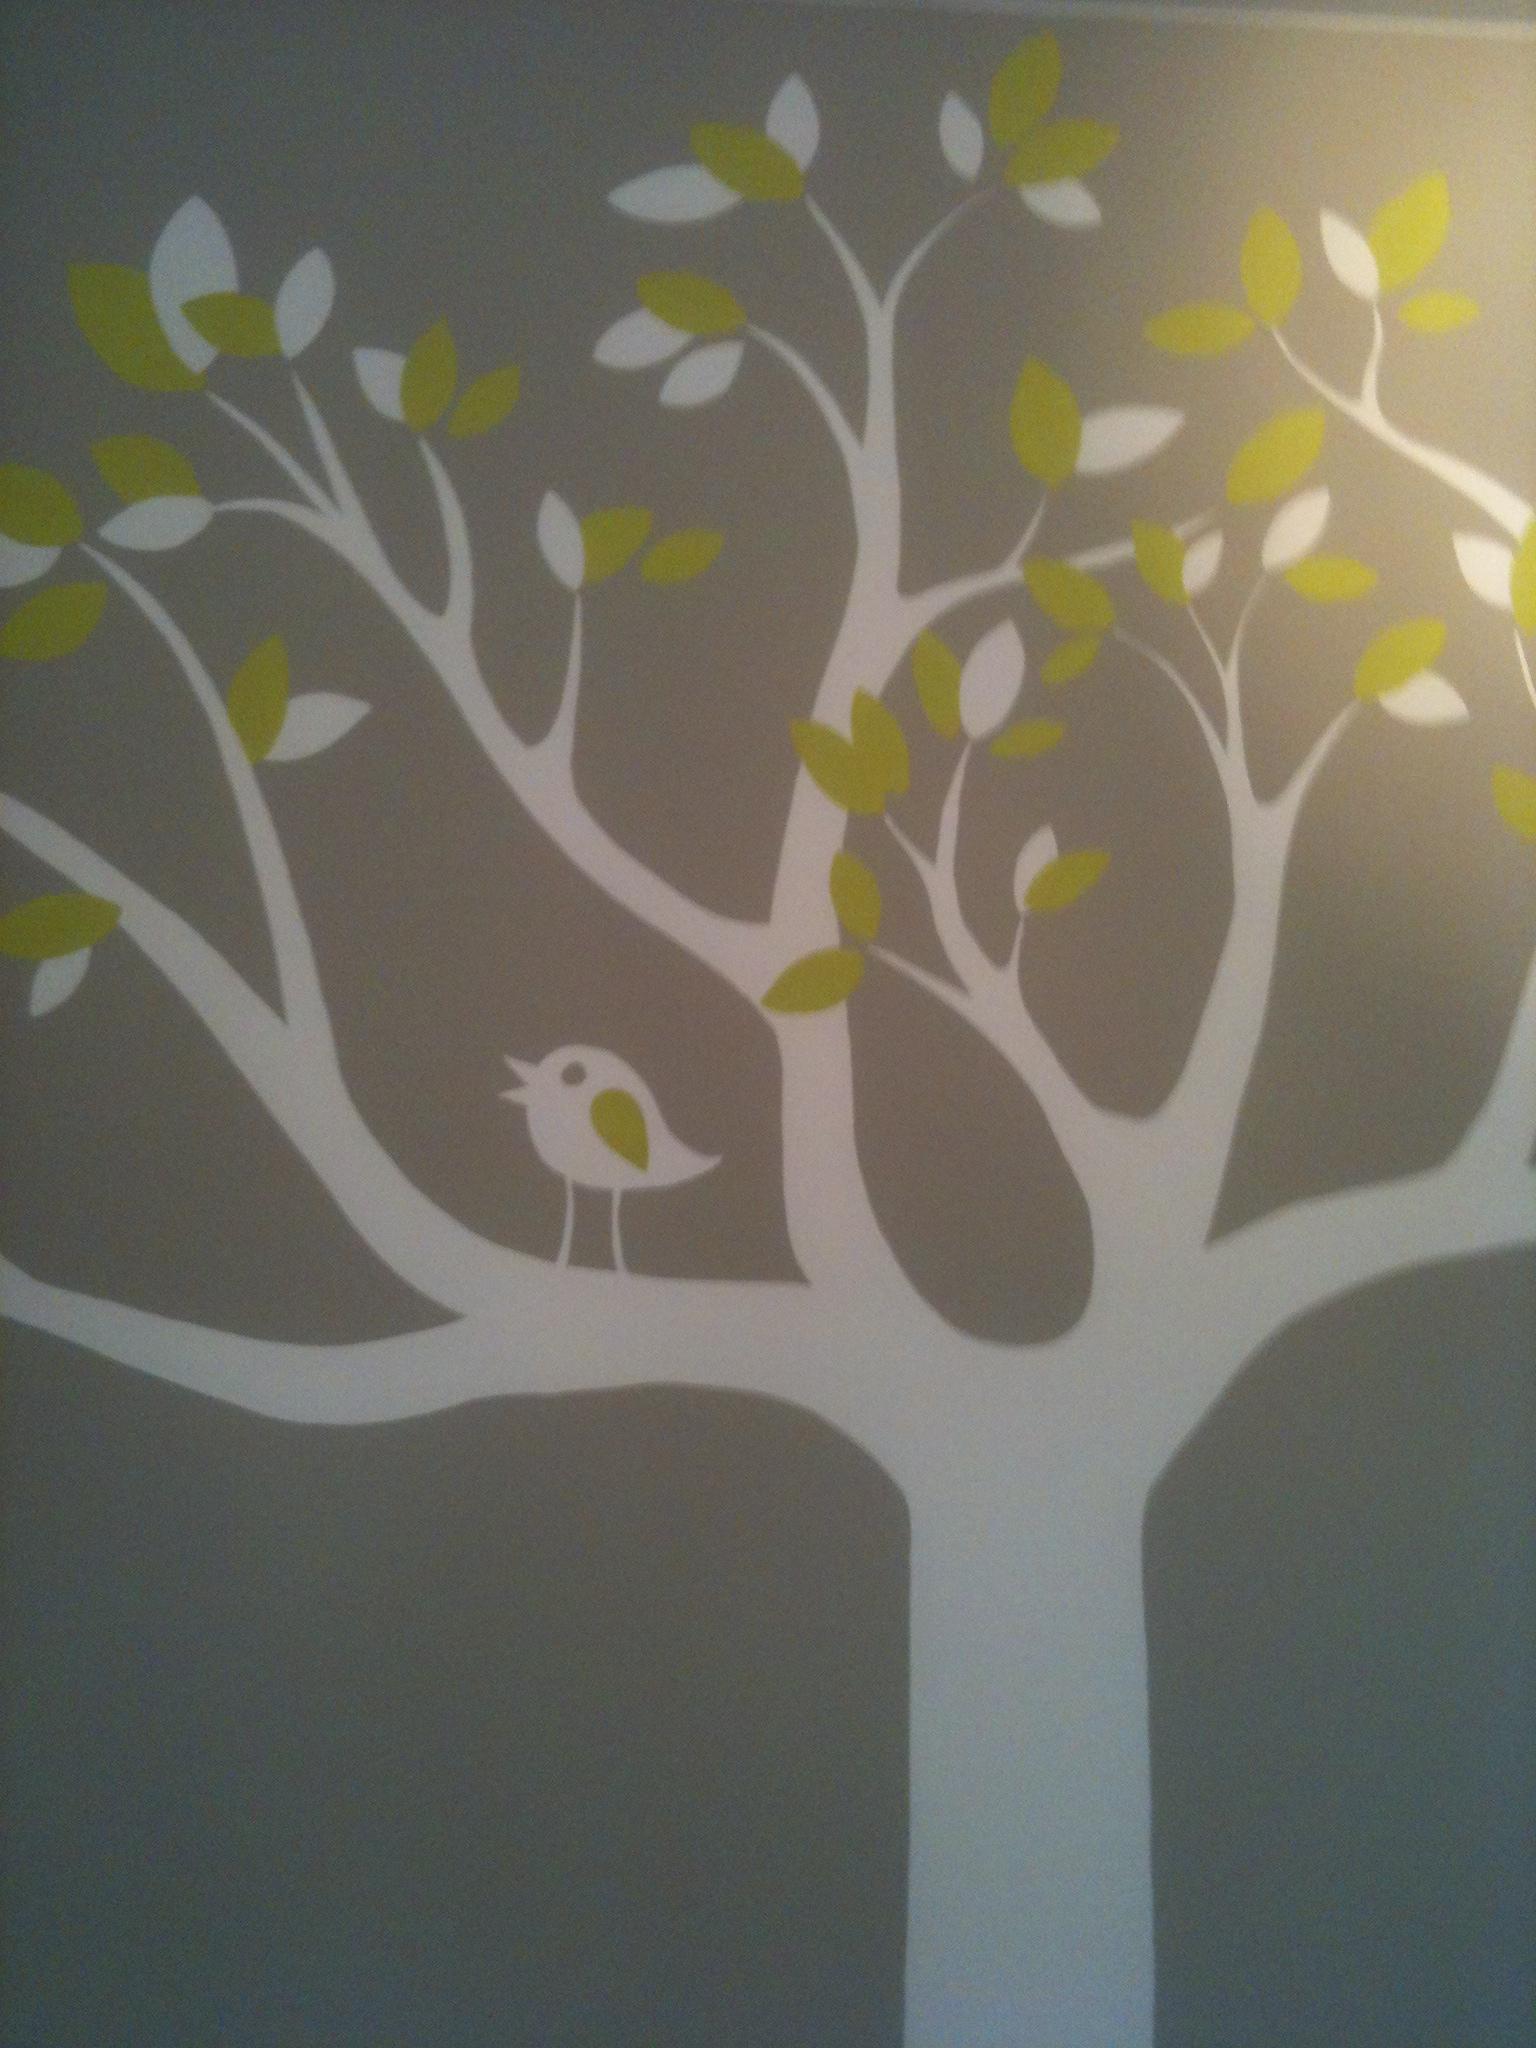 Toetie kolorie - Grijs muurschildering ...